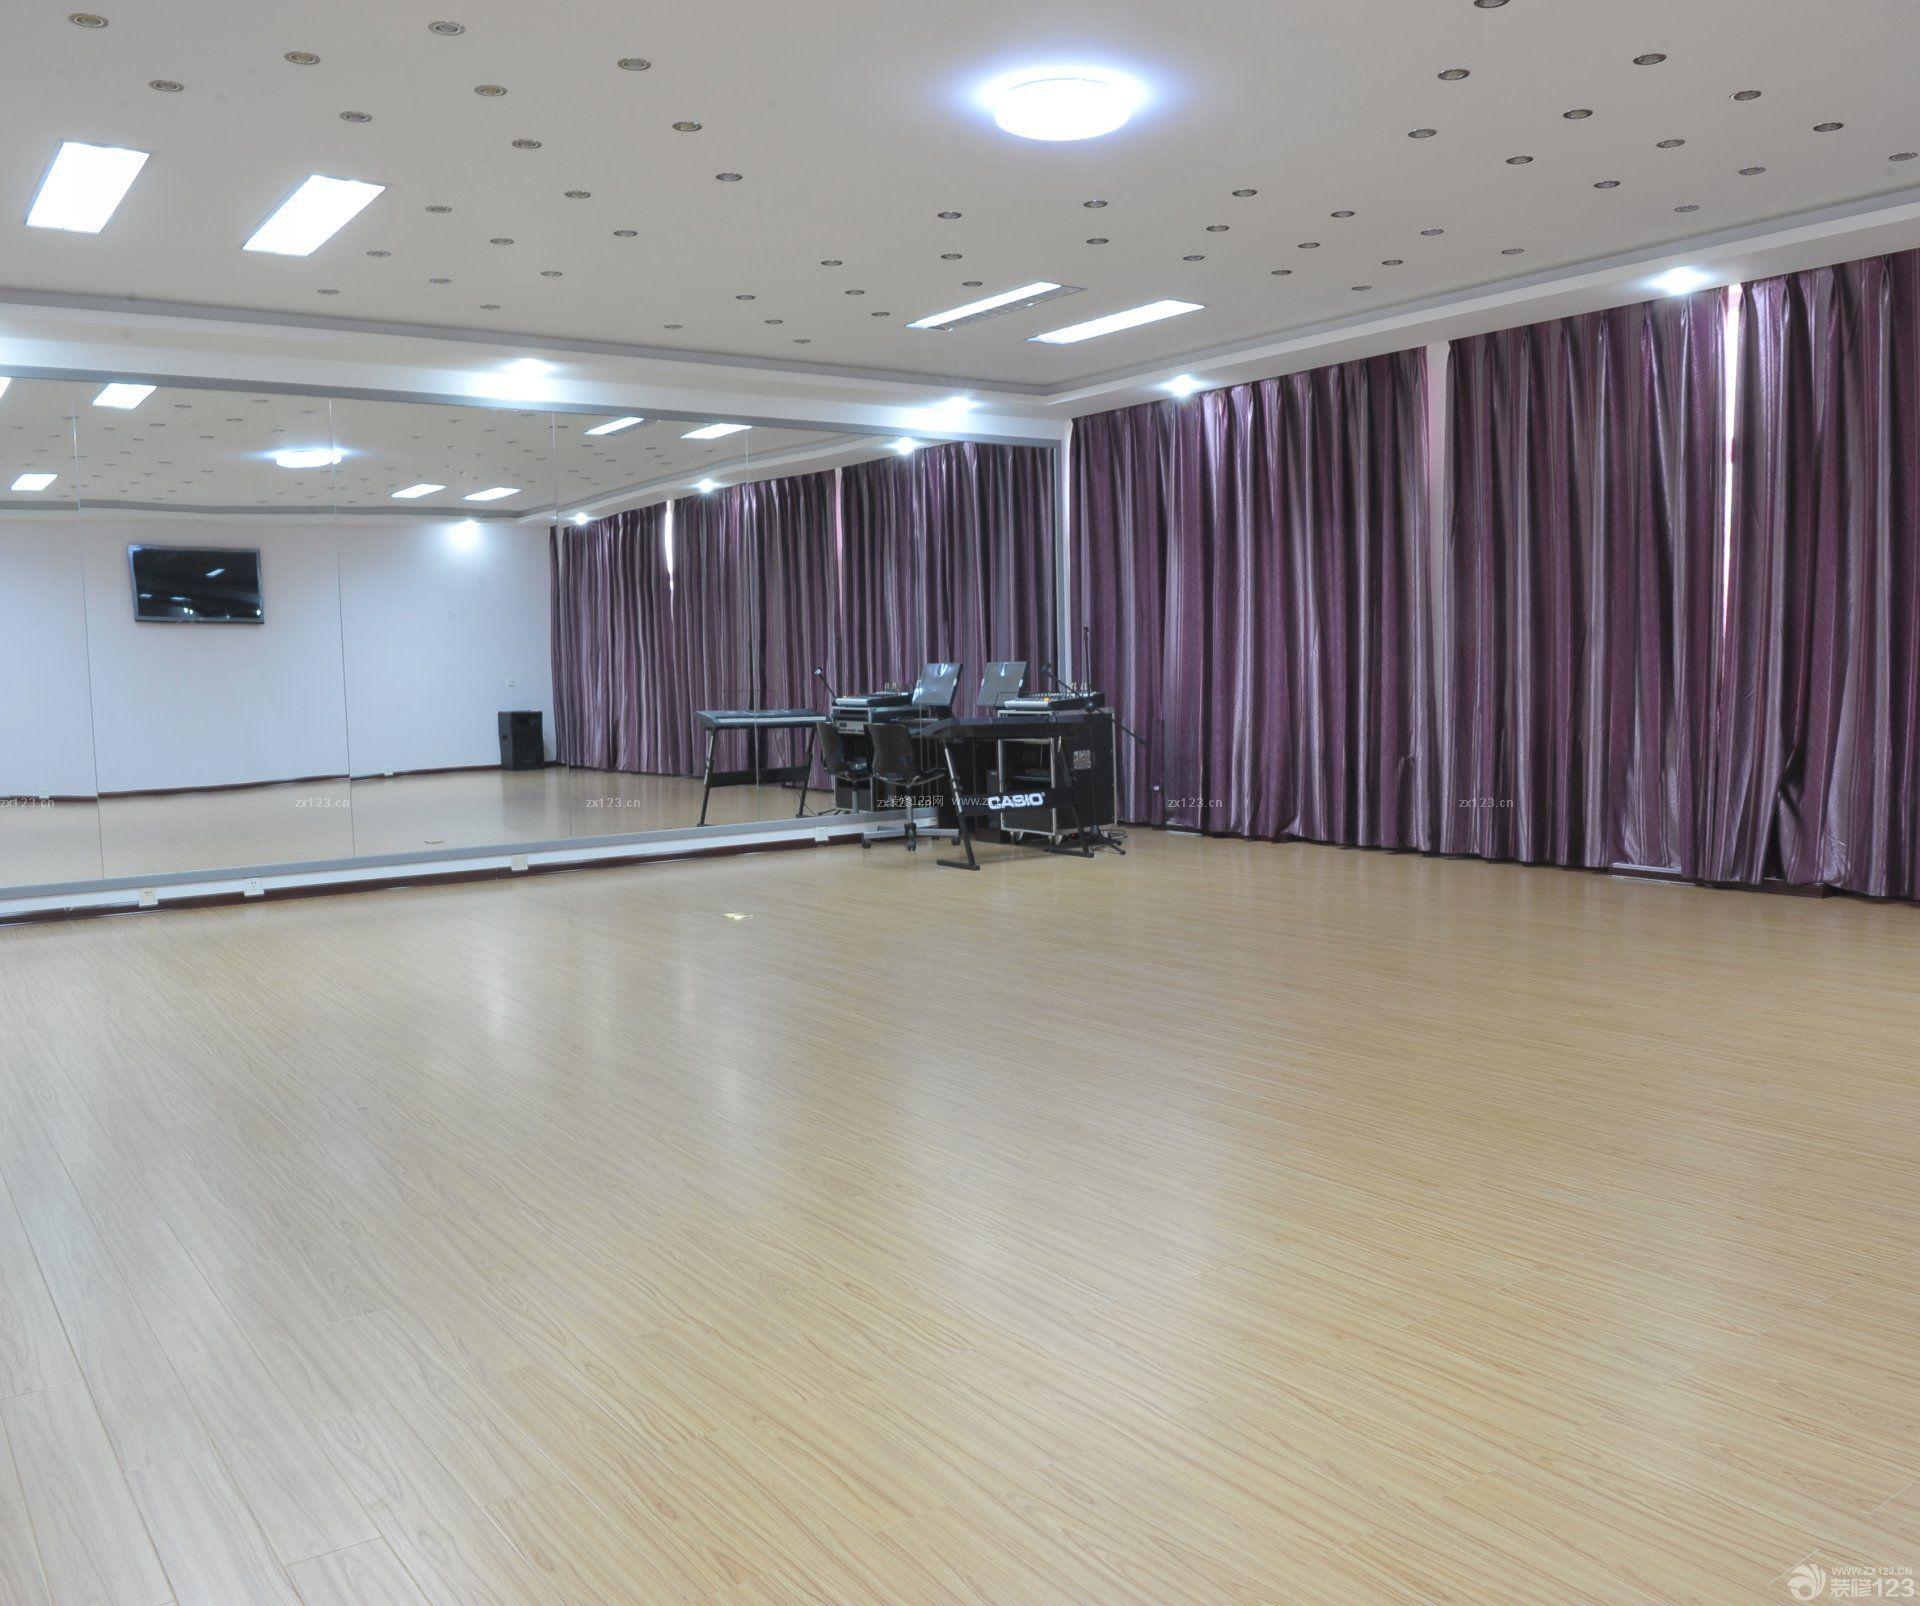 少儿学校舞蹈室设计遮光帘装修效果图片